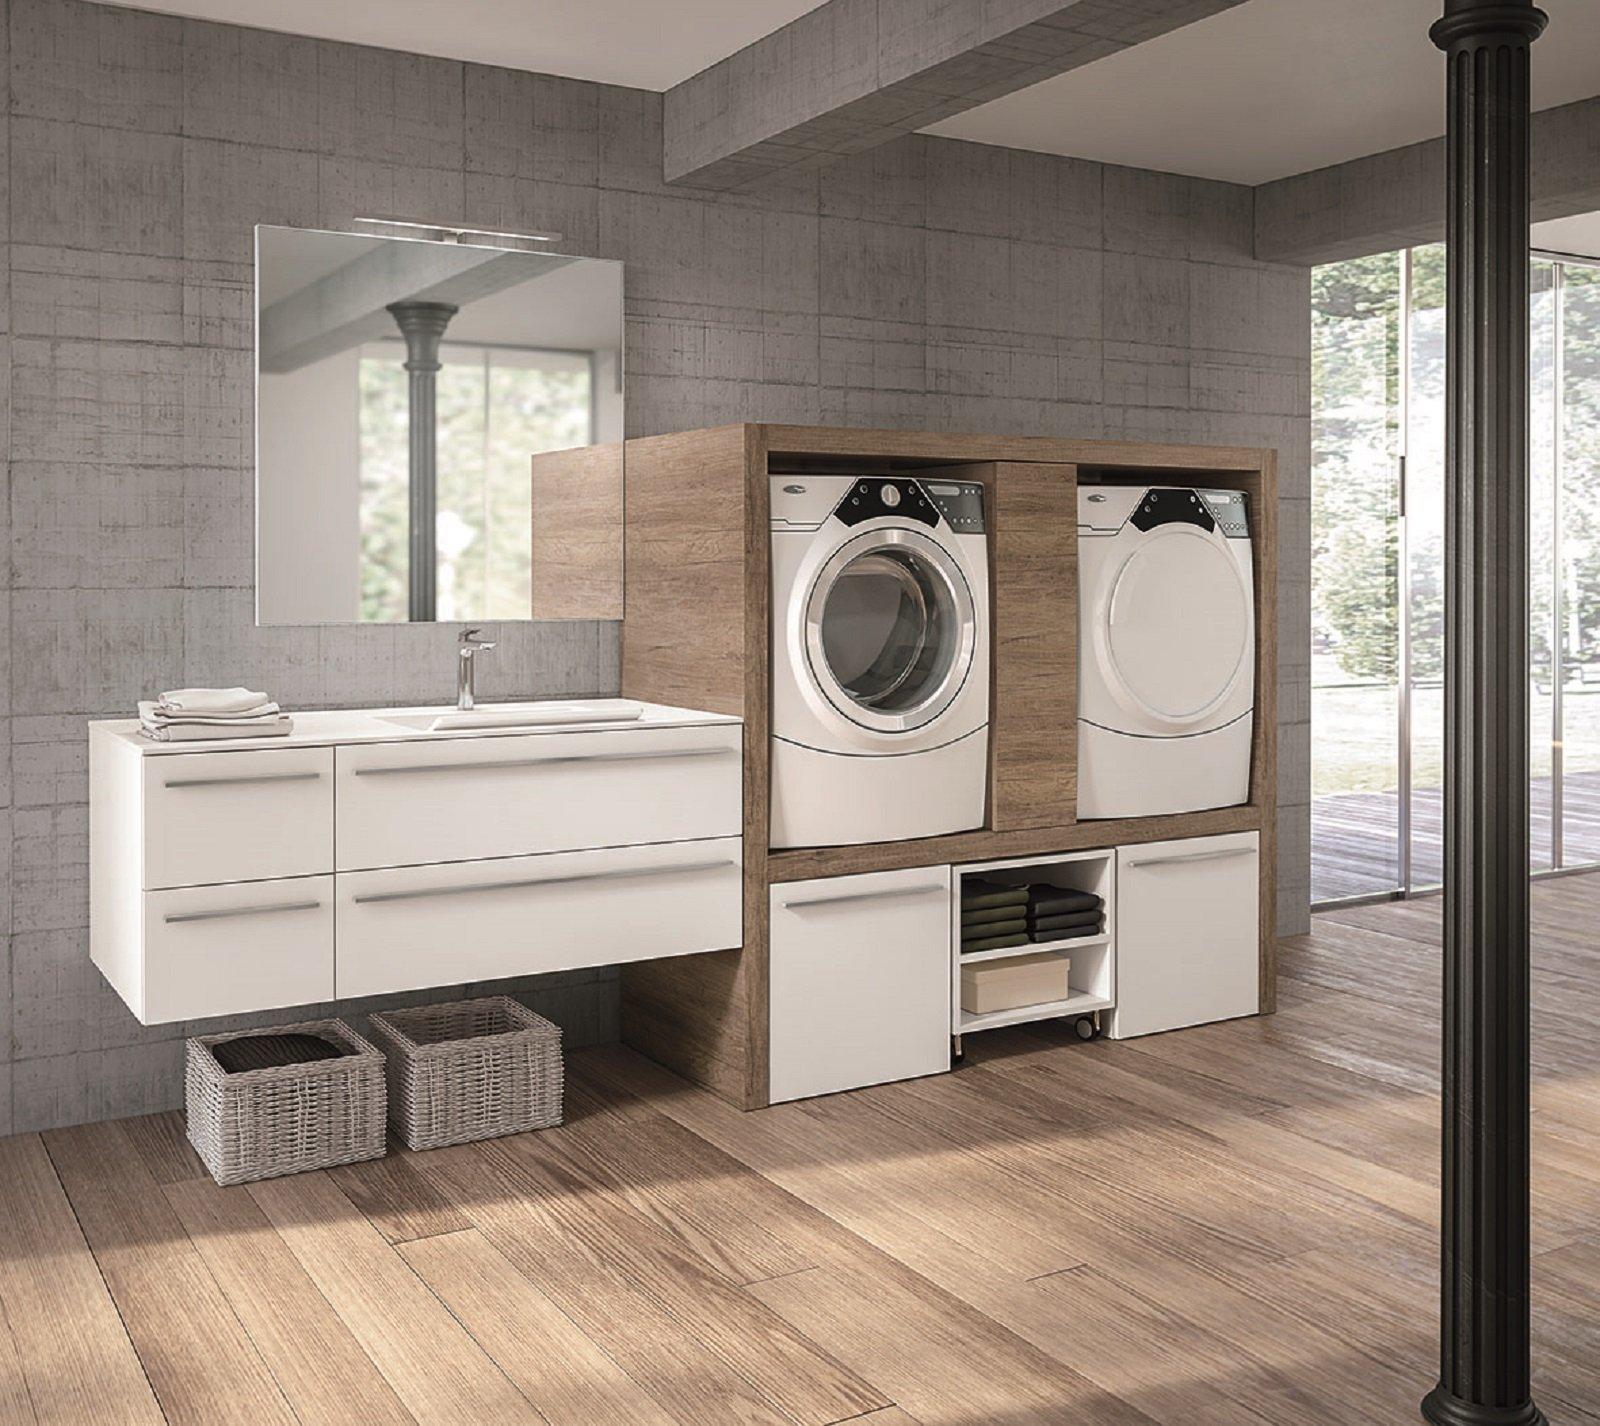 Lavanderia in bagno cose di casa for Immagini mobili